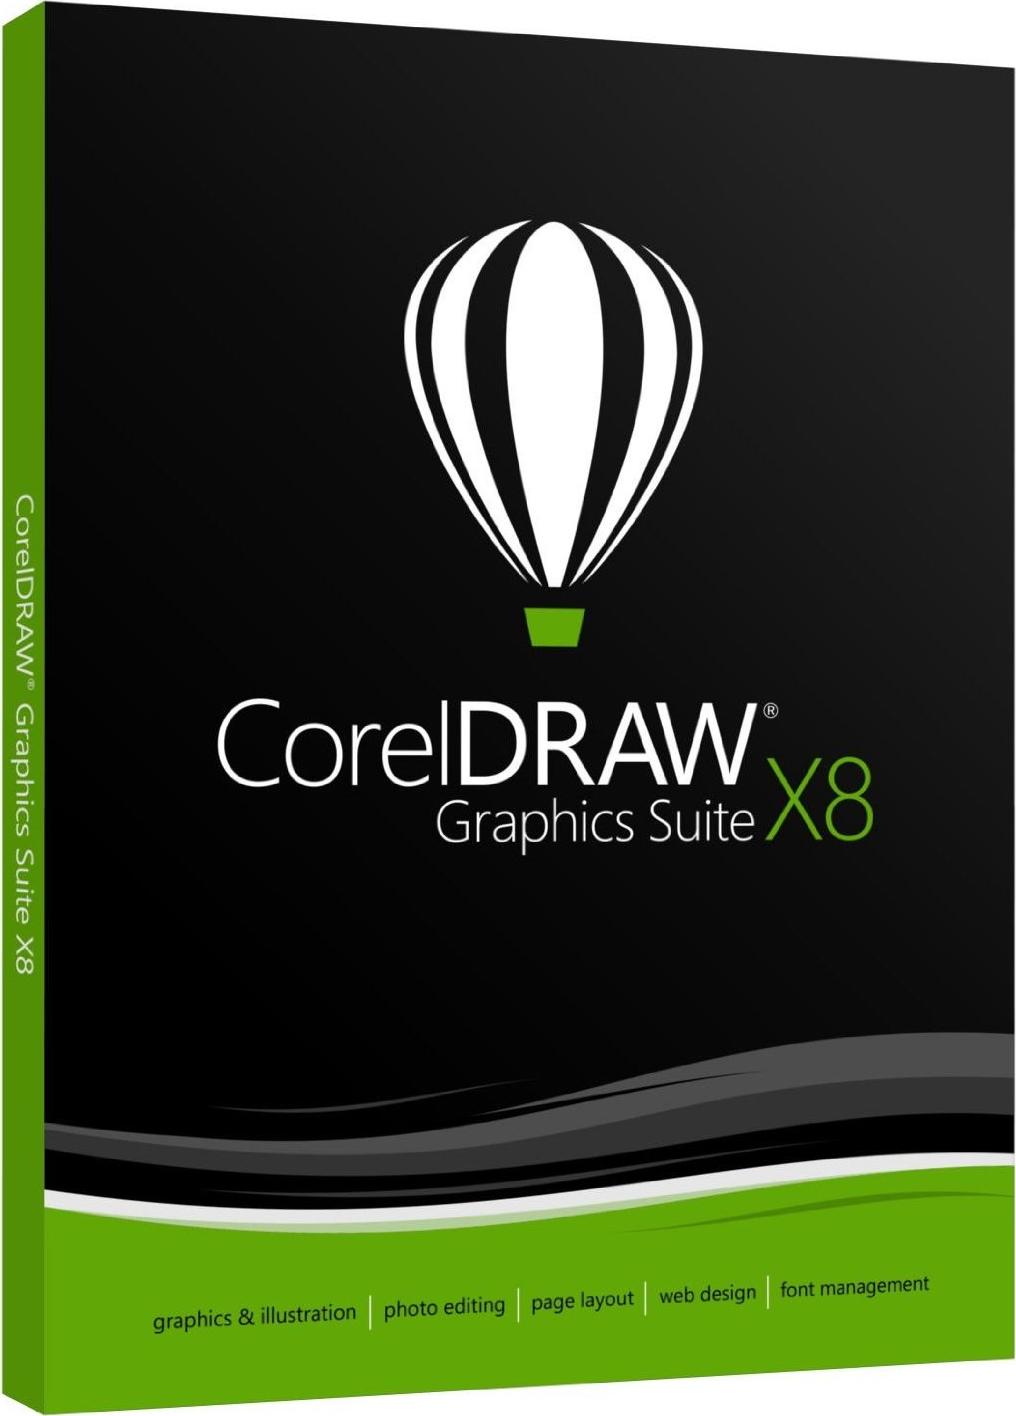 coreldraw graphics suite x8 v18 0 0 448 multilenguaje espanol coreldraw graphics suite x8 v18 0 0 448 multilenguaje espanol software de